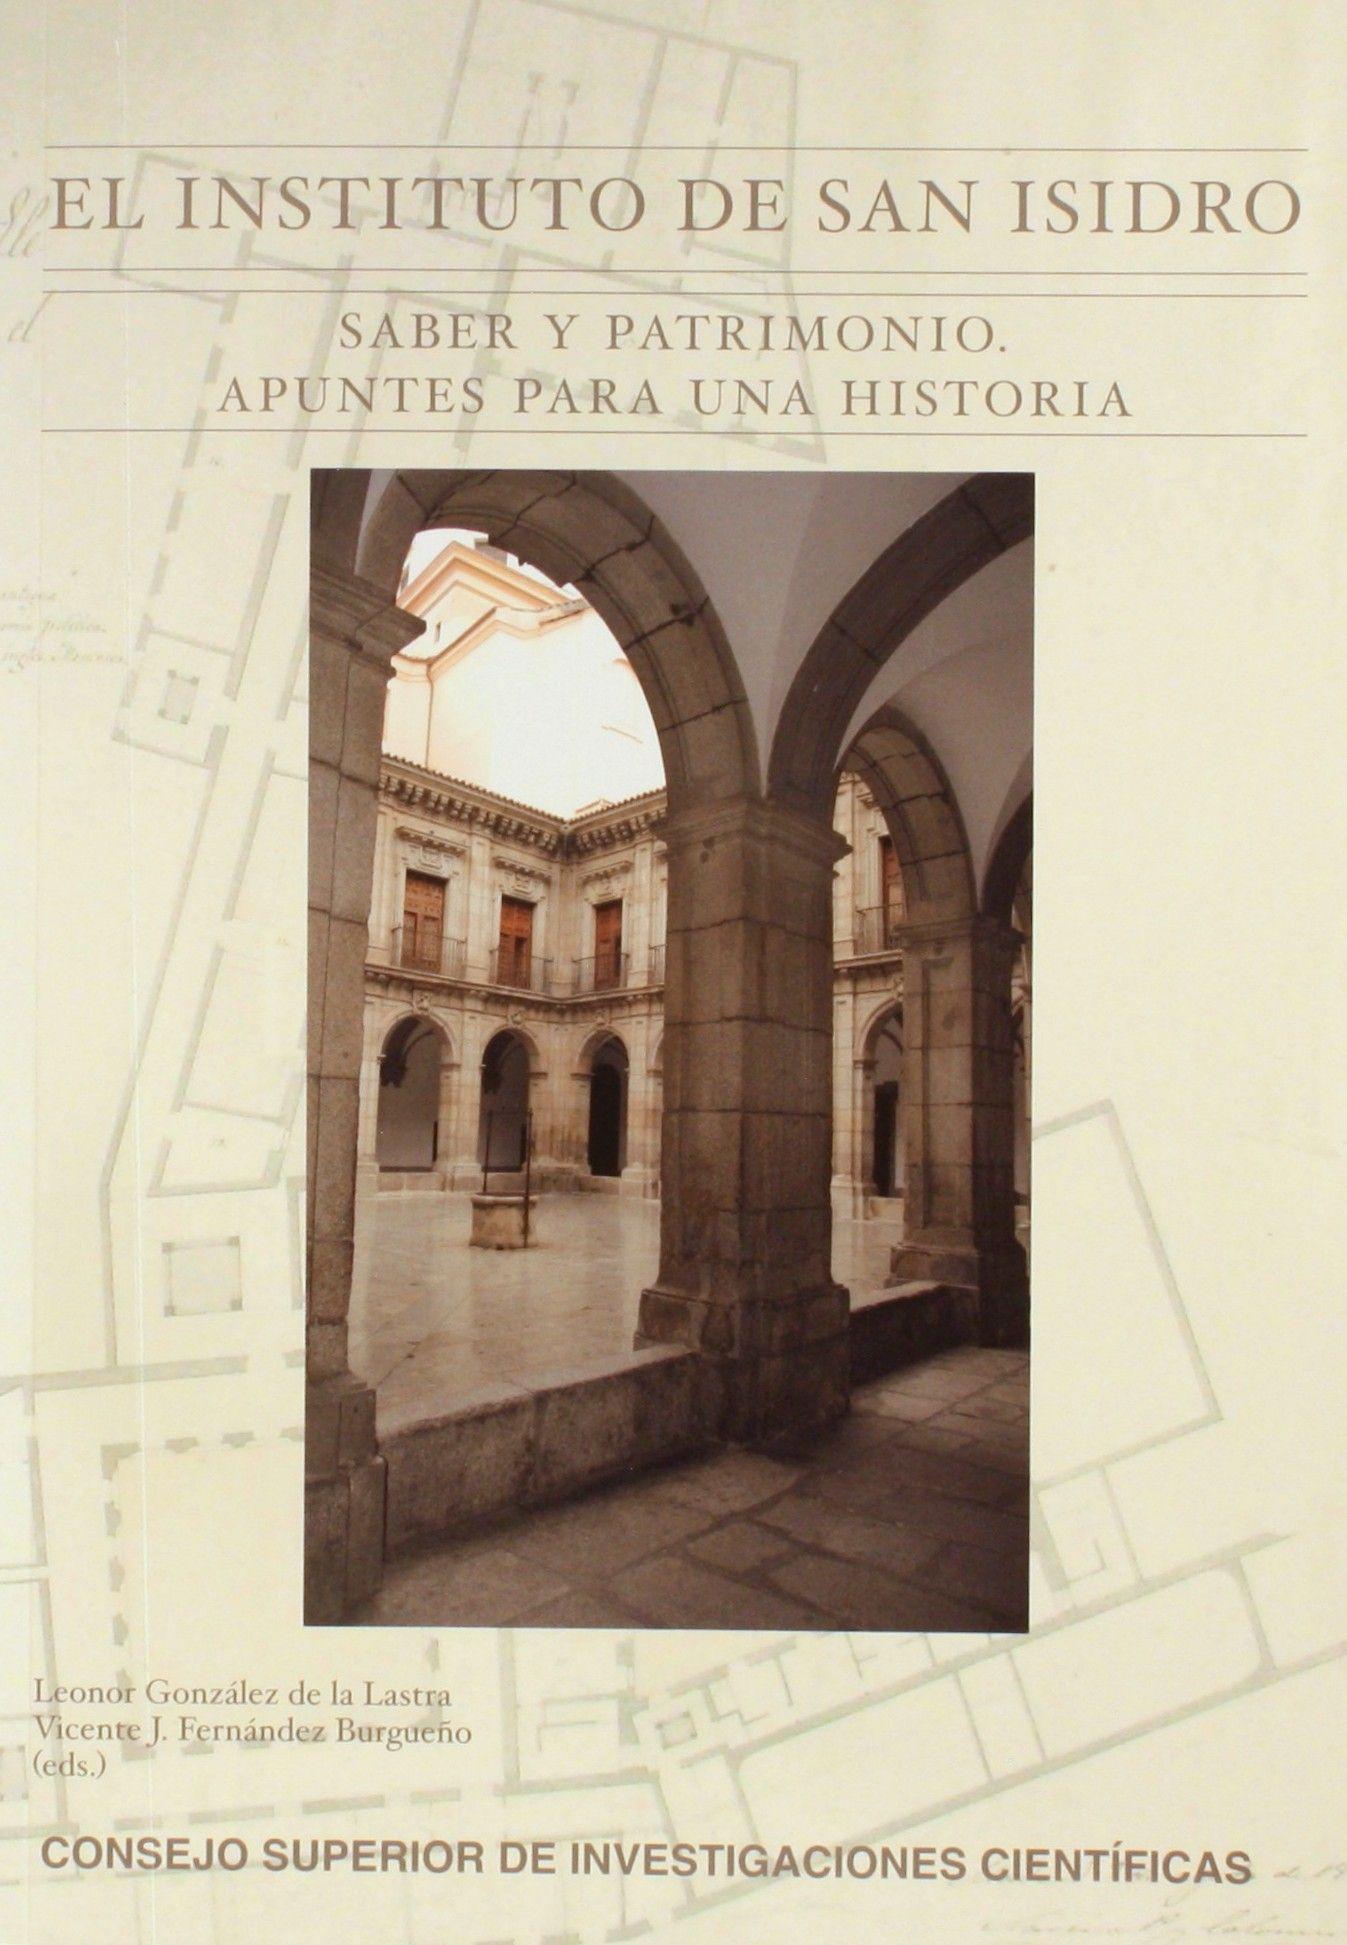 El instituto de San Isidro : saber y patrimonio : apuntes para una historia  http://absysnet.bbtk.ull.es/cgi-bin/abnetopac01?TITN=504795